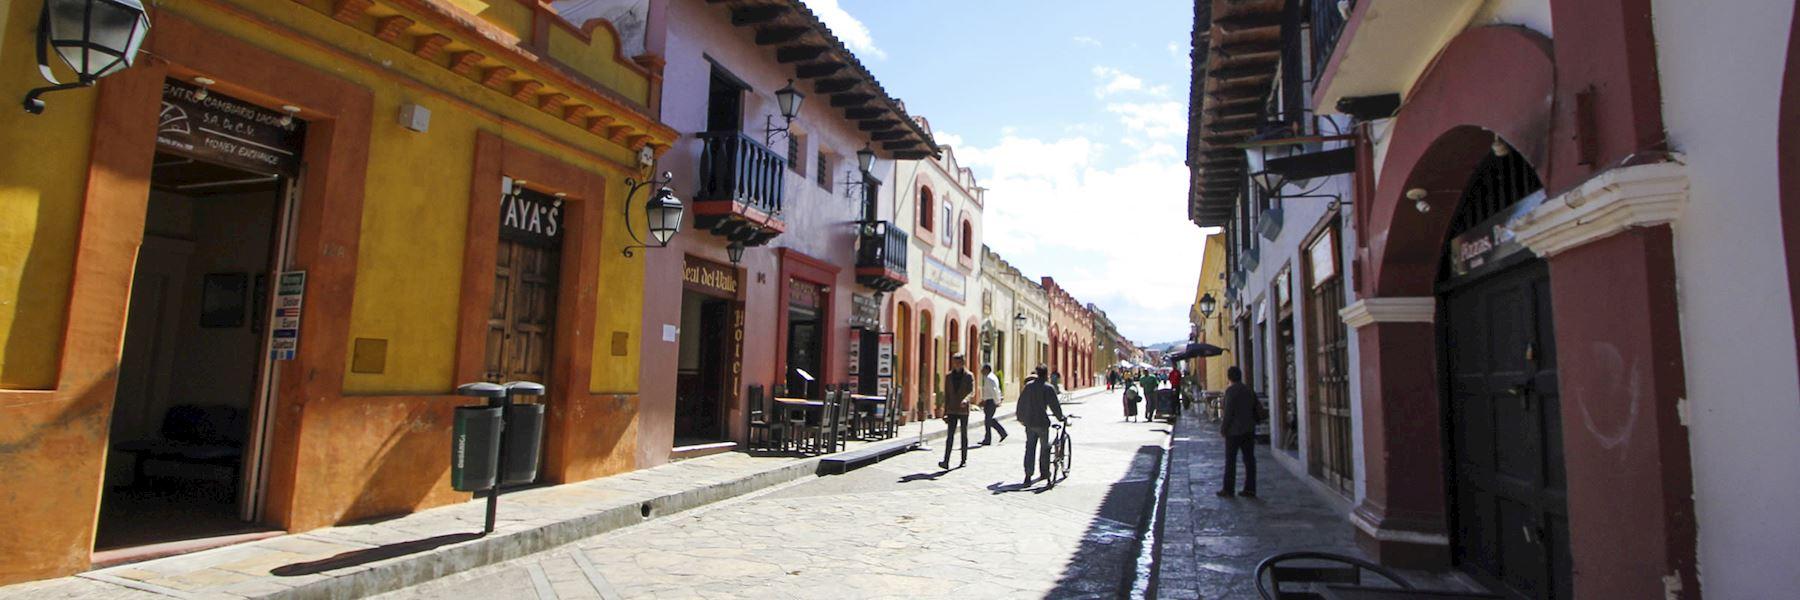 Visit San Cristobal de las Casas, Mexico